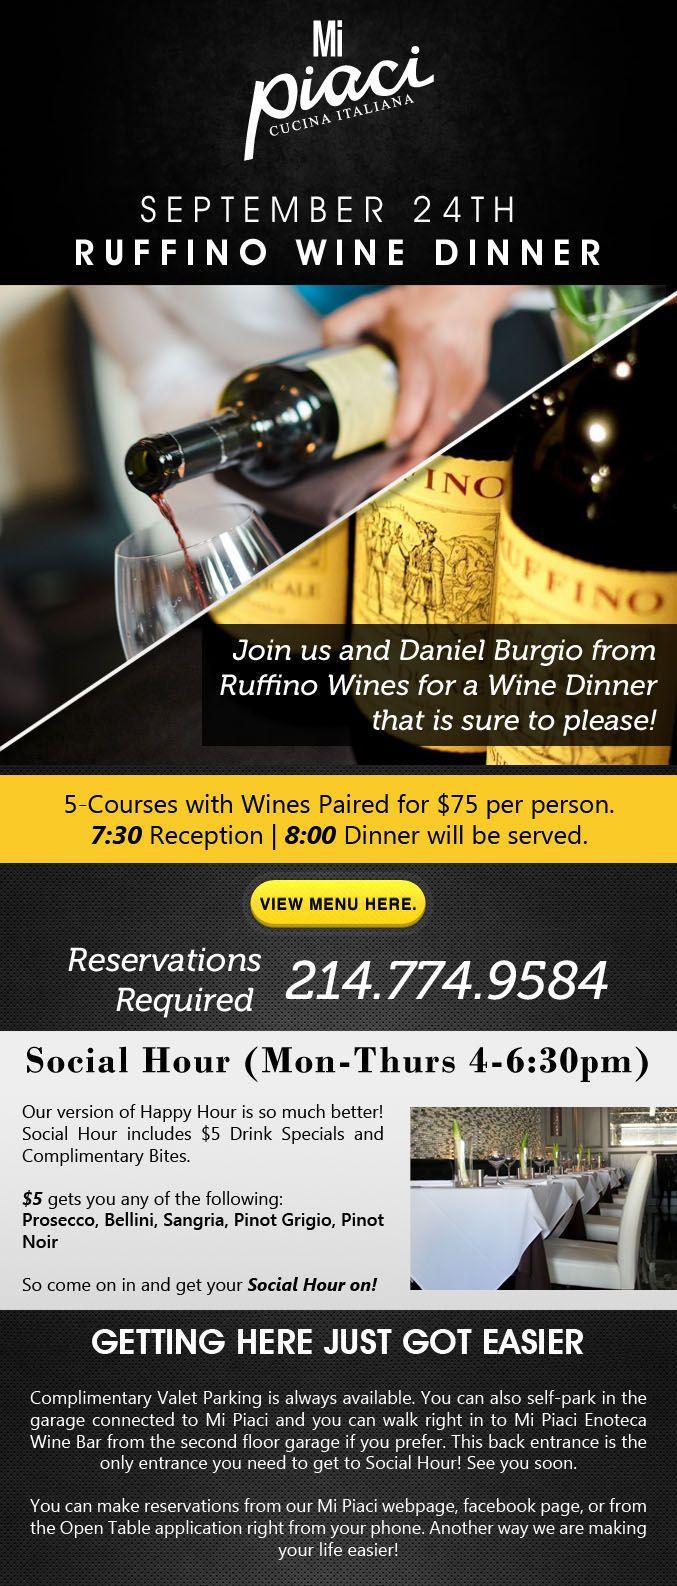 Ruffino Wine Dinner September 24th, 2013